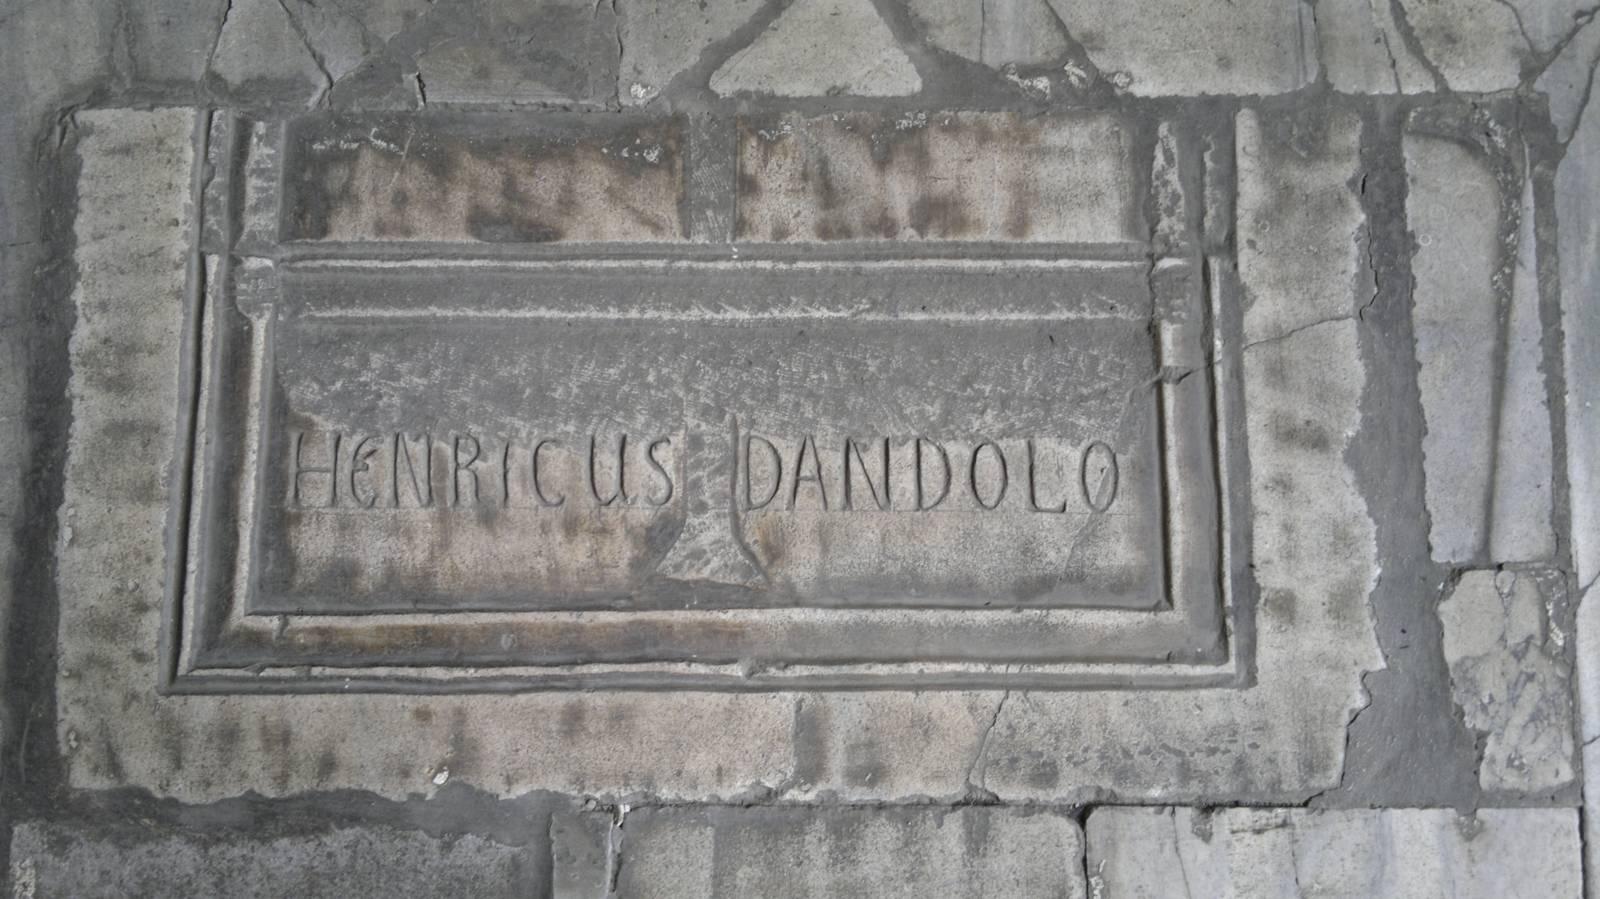 Istanbul-enrico-dandolo-henricus-dandolo